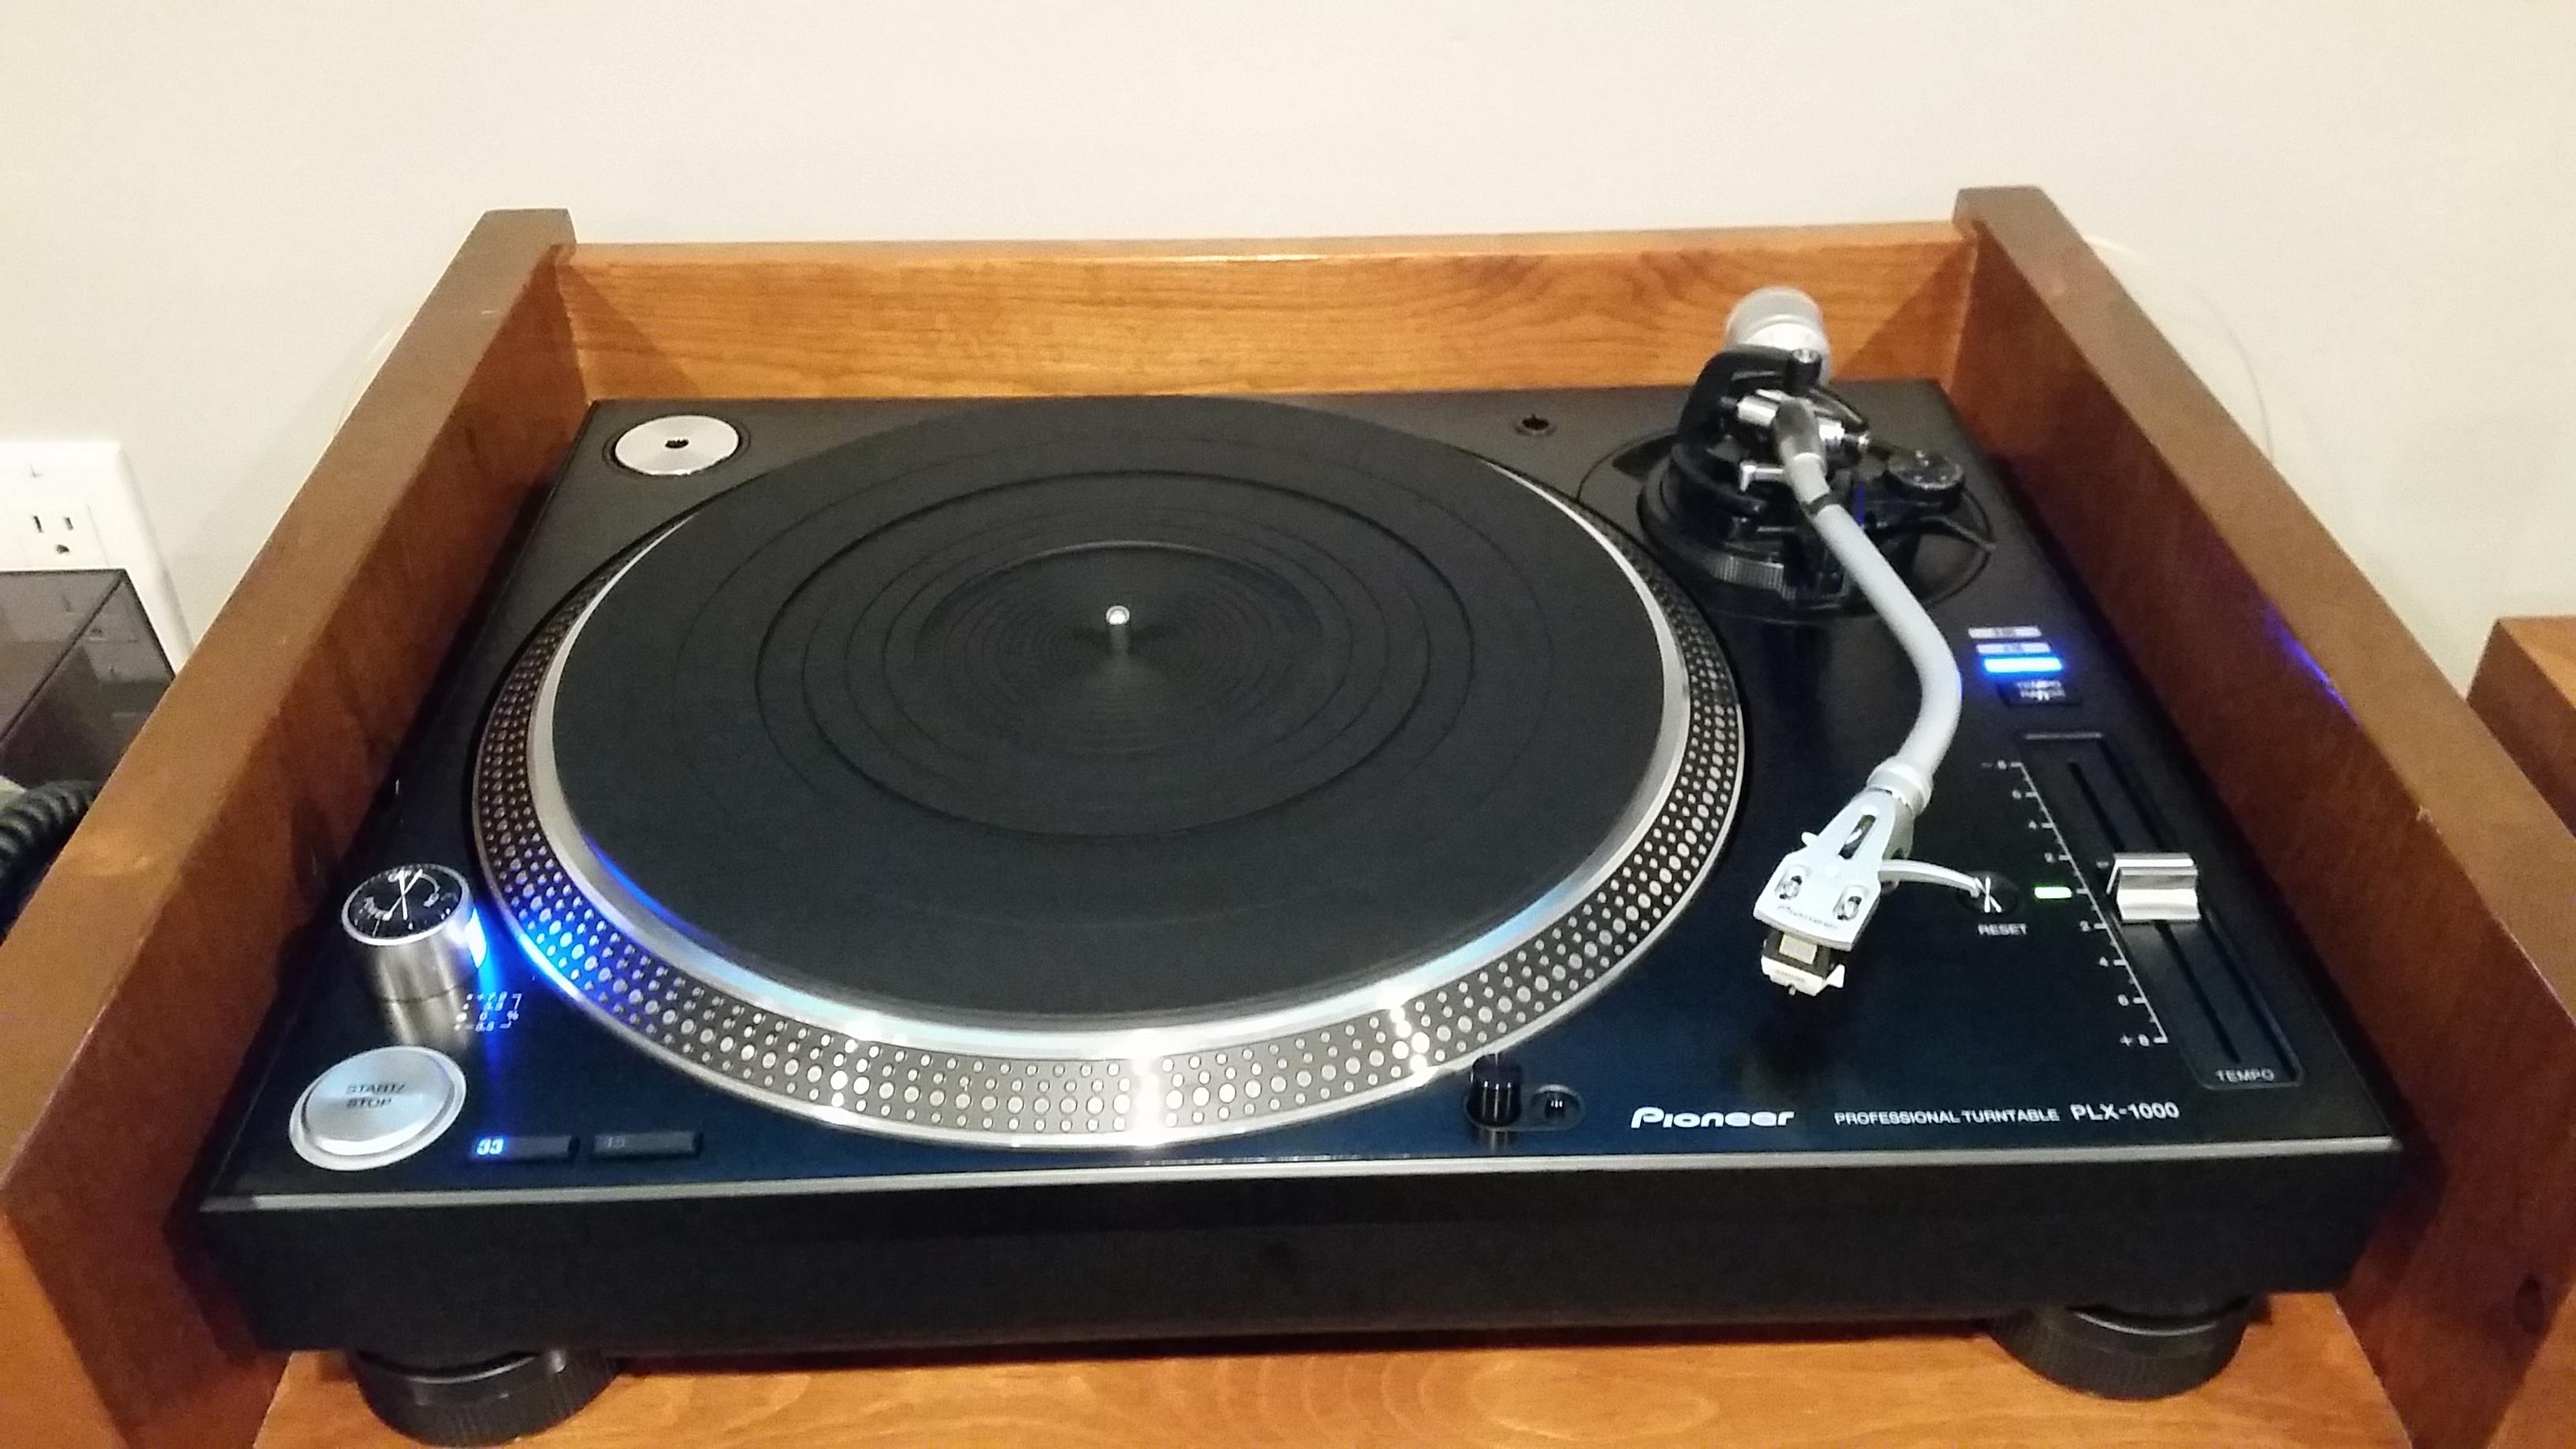 pioneer plx 1000 polk audio. Black Bedroom Furniture Sets. Home Design Ideas